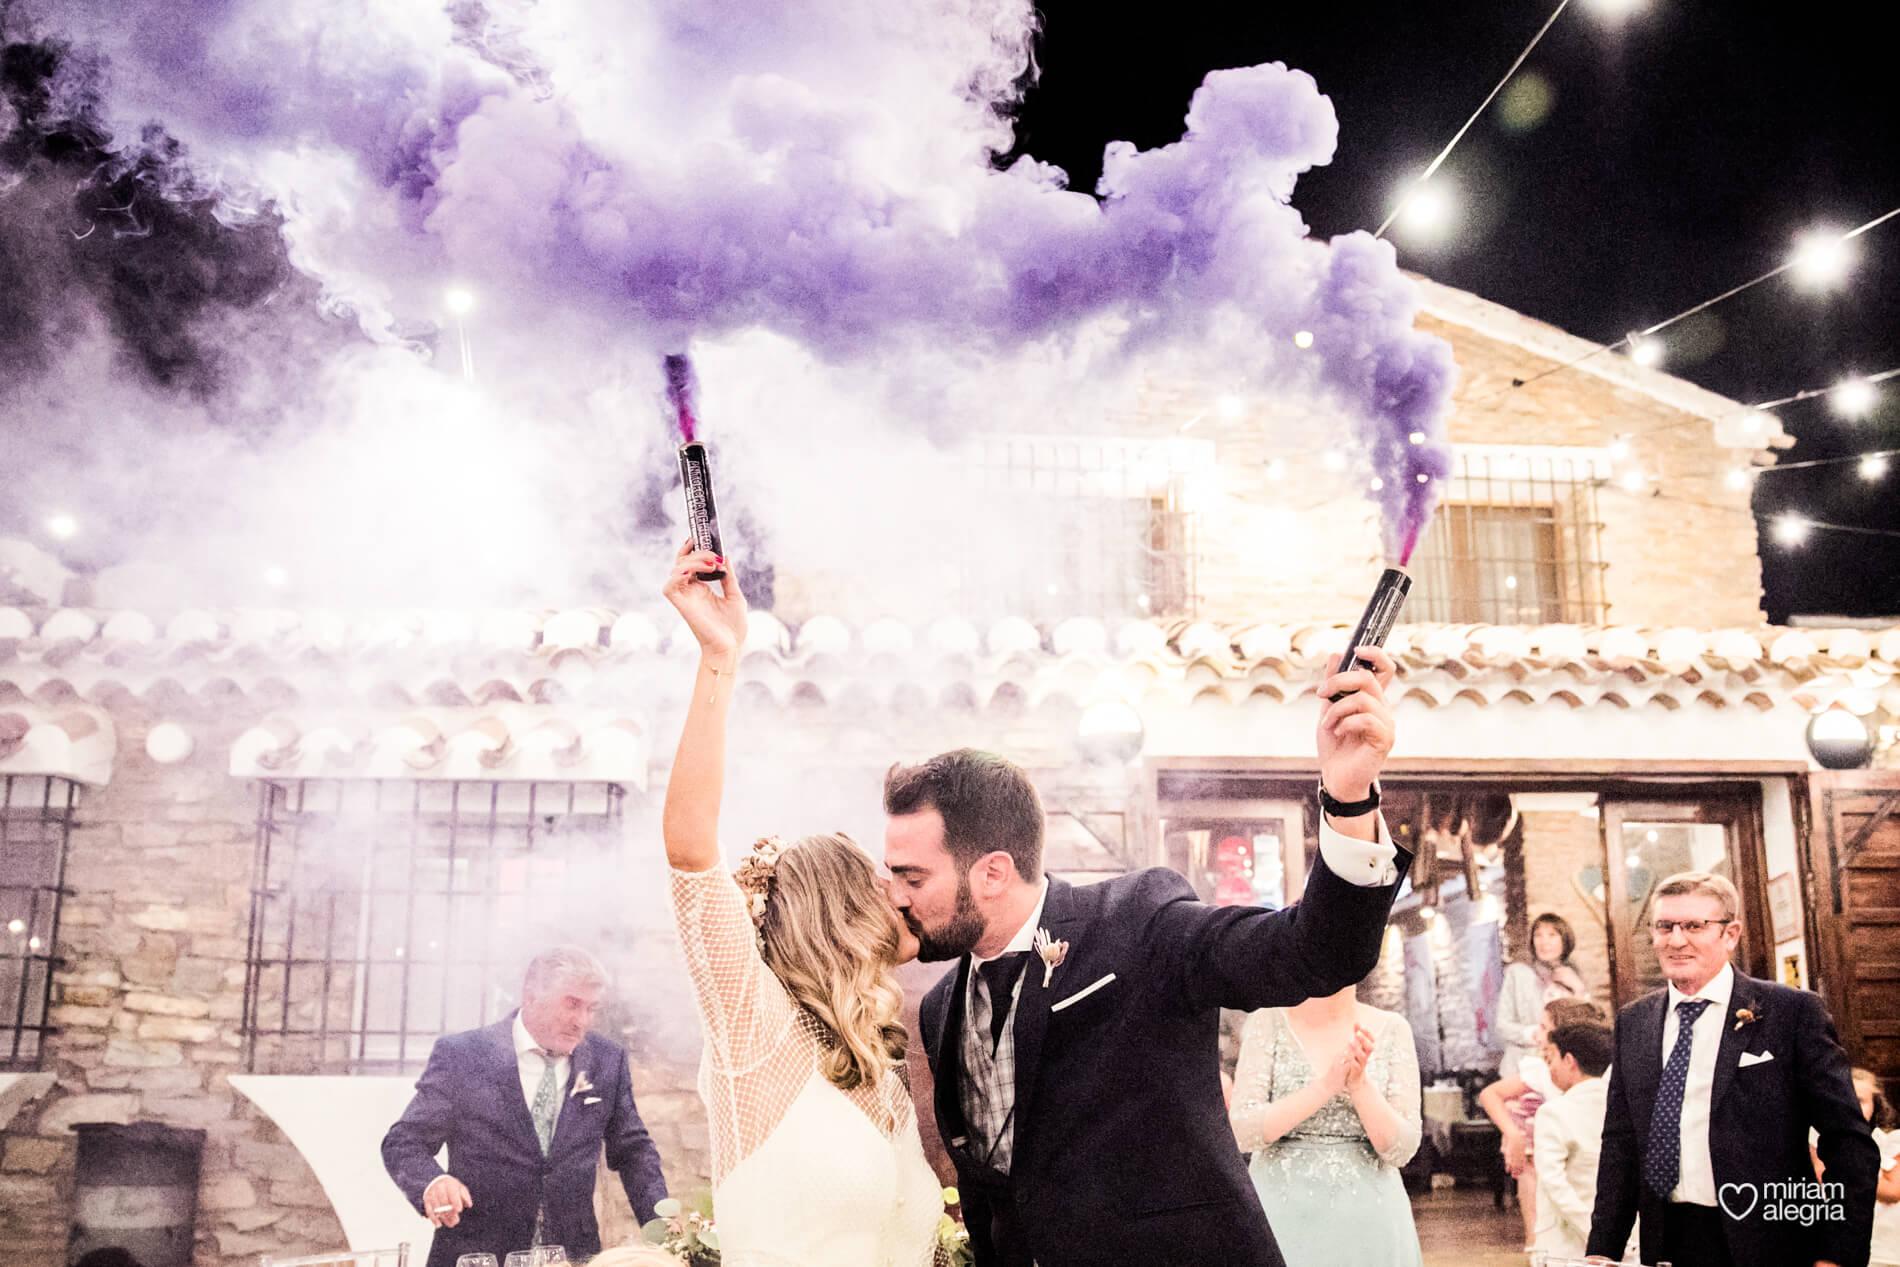 boda-en-collados-miriam-alegria-cayetana-ferrer-105